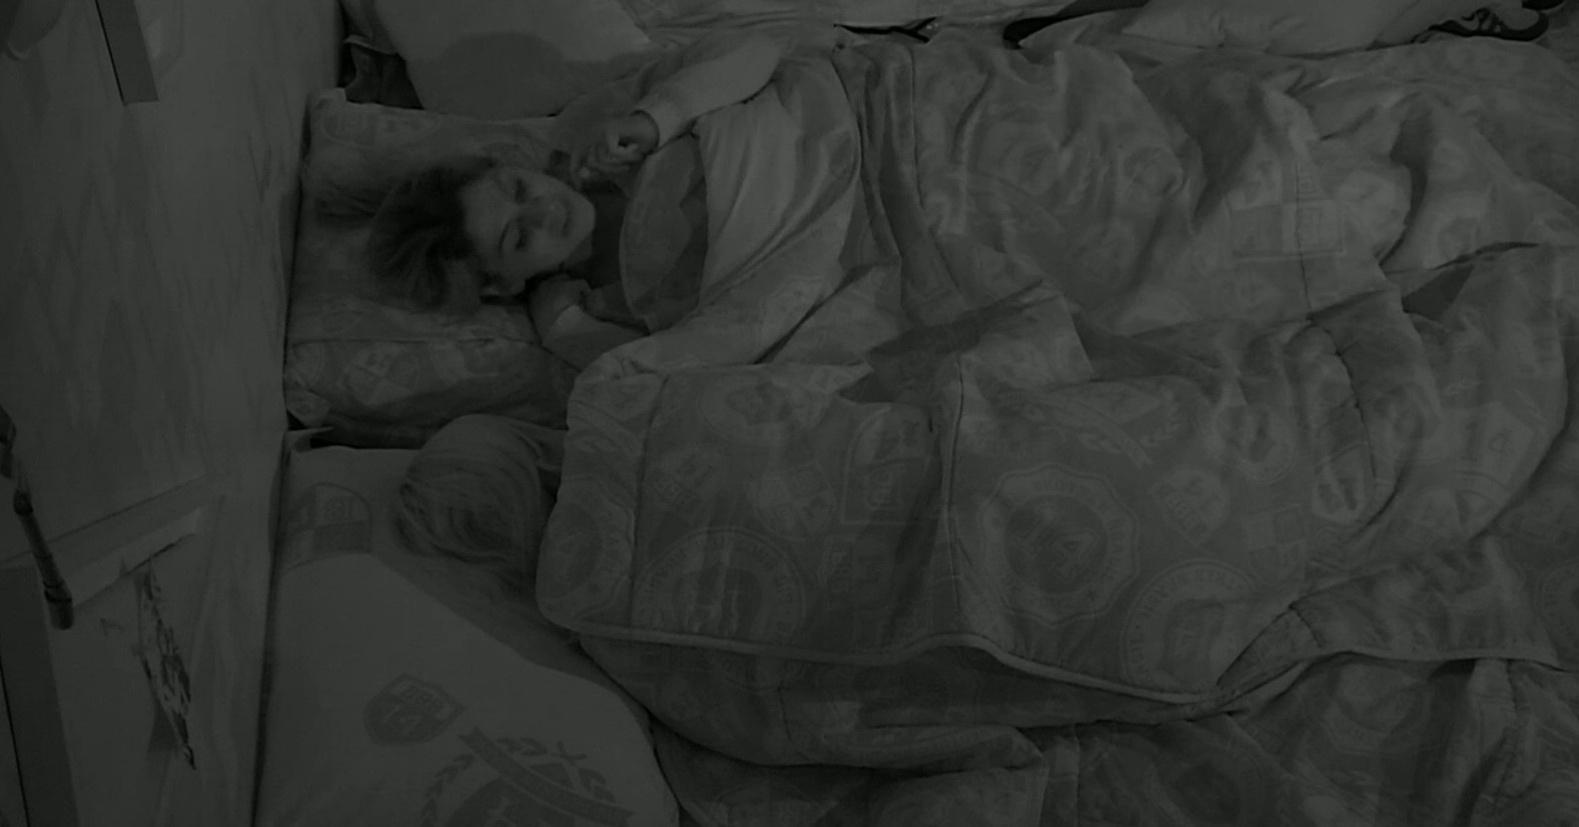 7.mar.2014 - Clara e Vanessa conversam antes de dormir